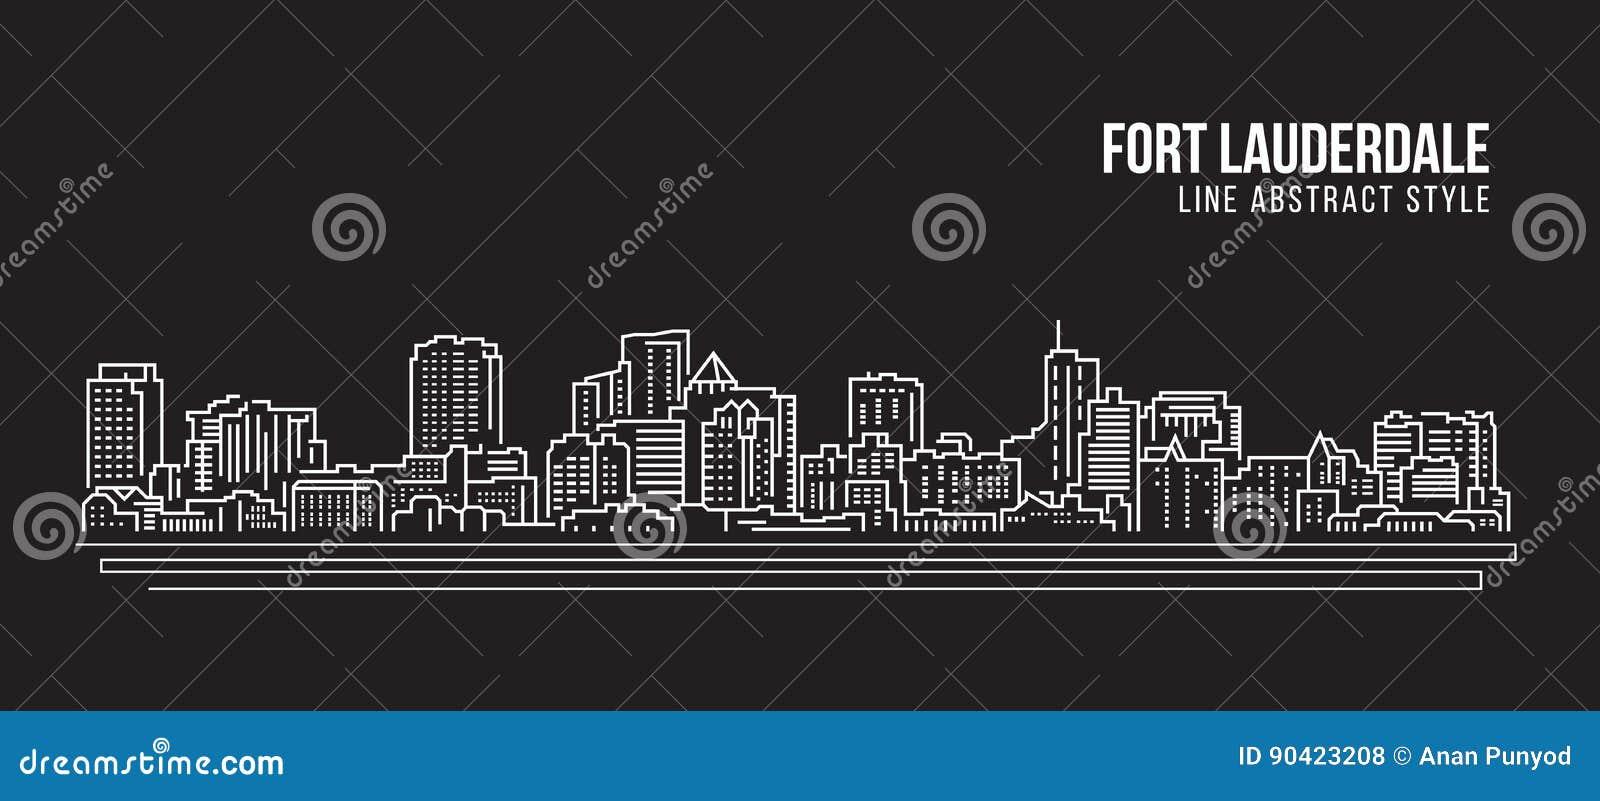 Línea de fachada del paisaje urbano diseño del ejemplo del vector del arte - ciudad del Fort Lauderdale